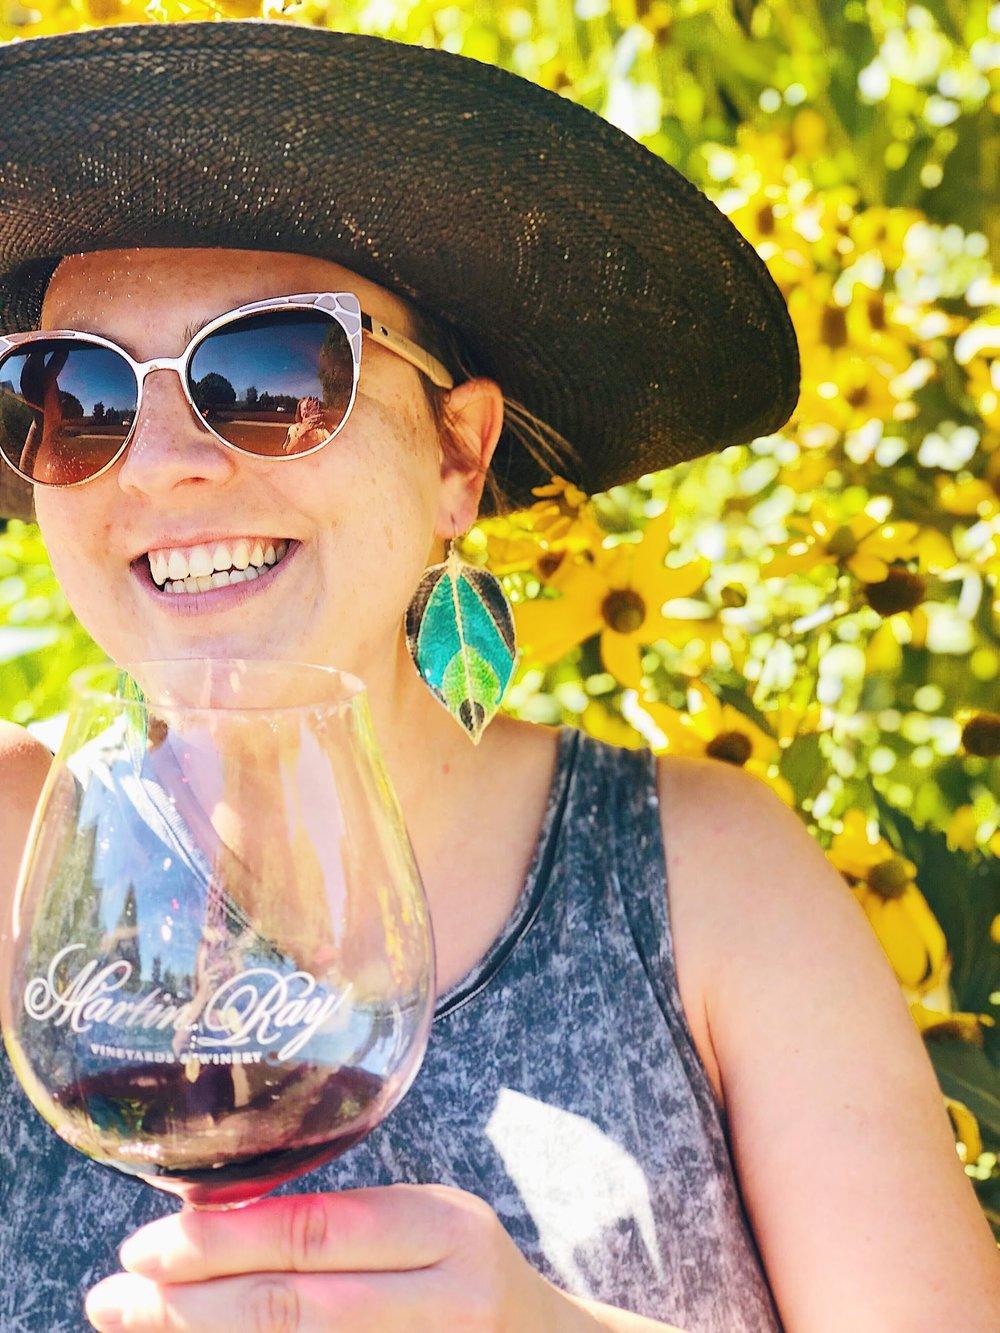 Sonoma Wine Life At Martin Ray Winery